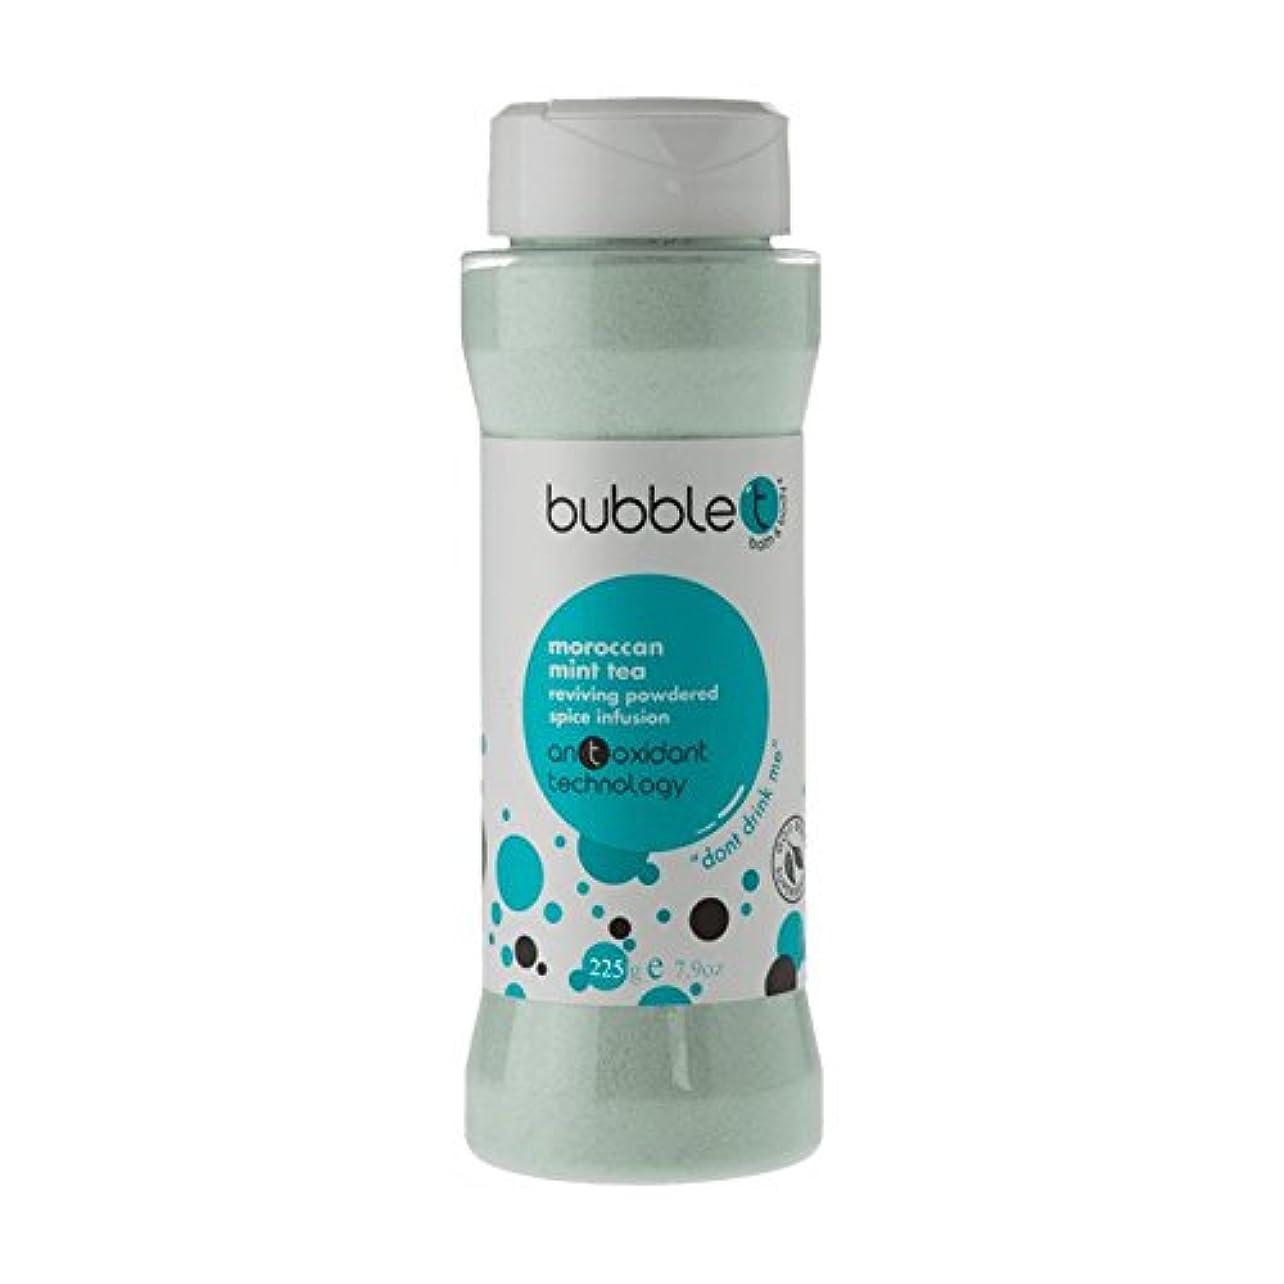 酸化物抗議強大なバブルトン風呂スパイス注入モロッコのミントティー225グラム - Bubble T Bath Spice Infusion Morrocan Mint Tea 225g (Bubble T) [並行輸入品]